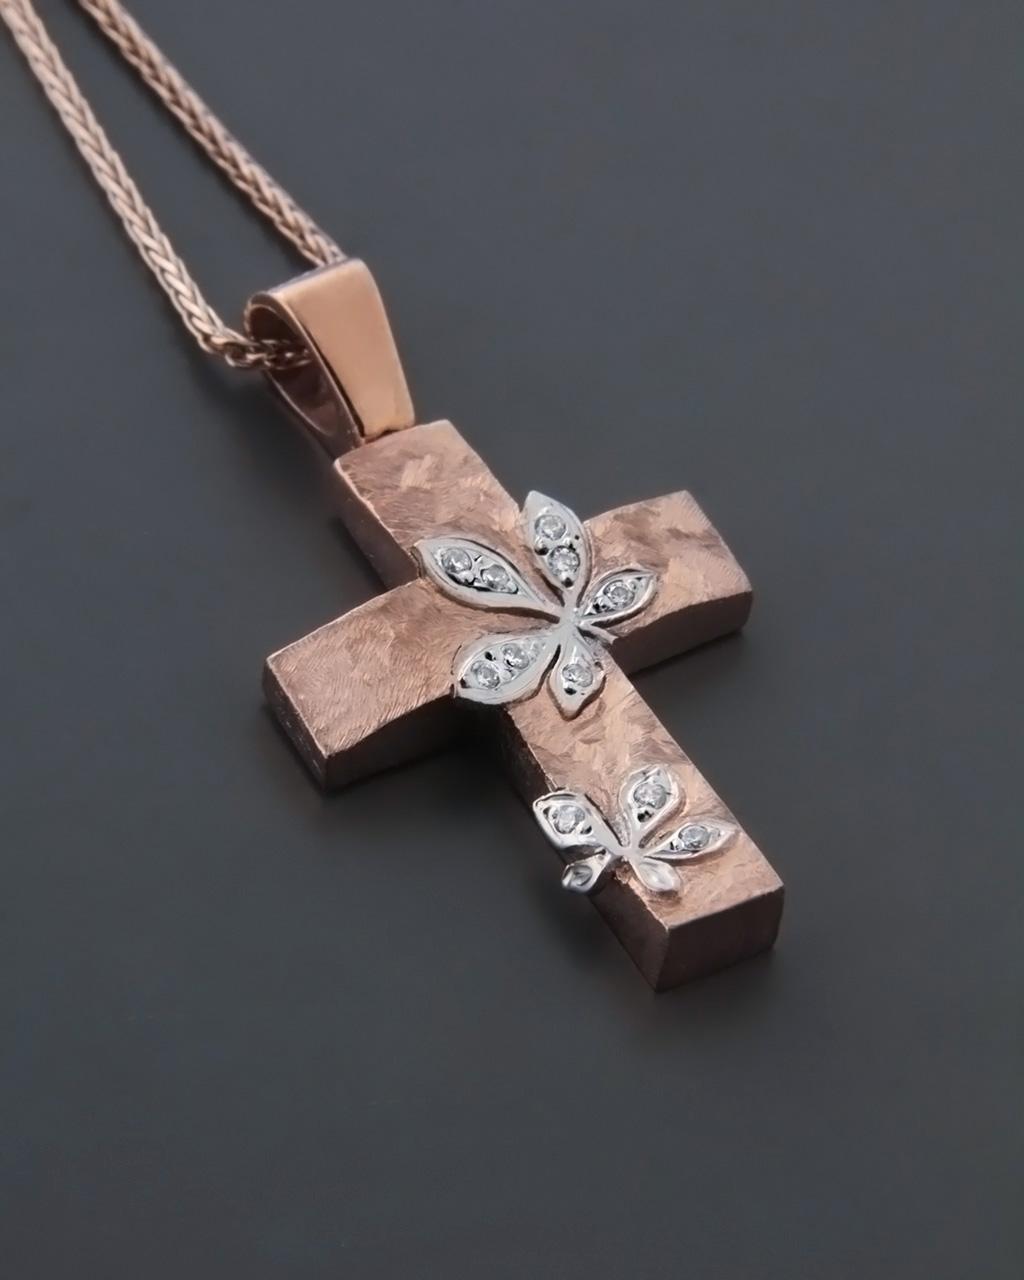 Σταυρός βάπτισης ροζ χρυσός & λευκόχρυσος Κ14 με Ζιργκόν   γυναικα σταυροί σταυροί ροζ χρυσό